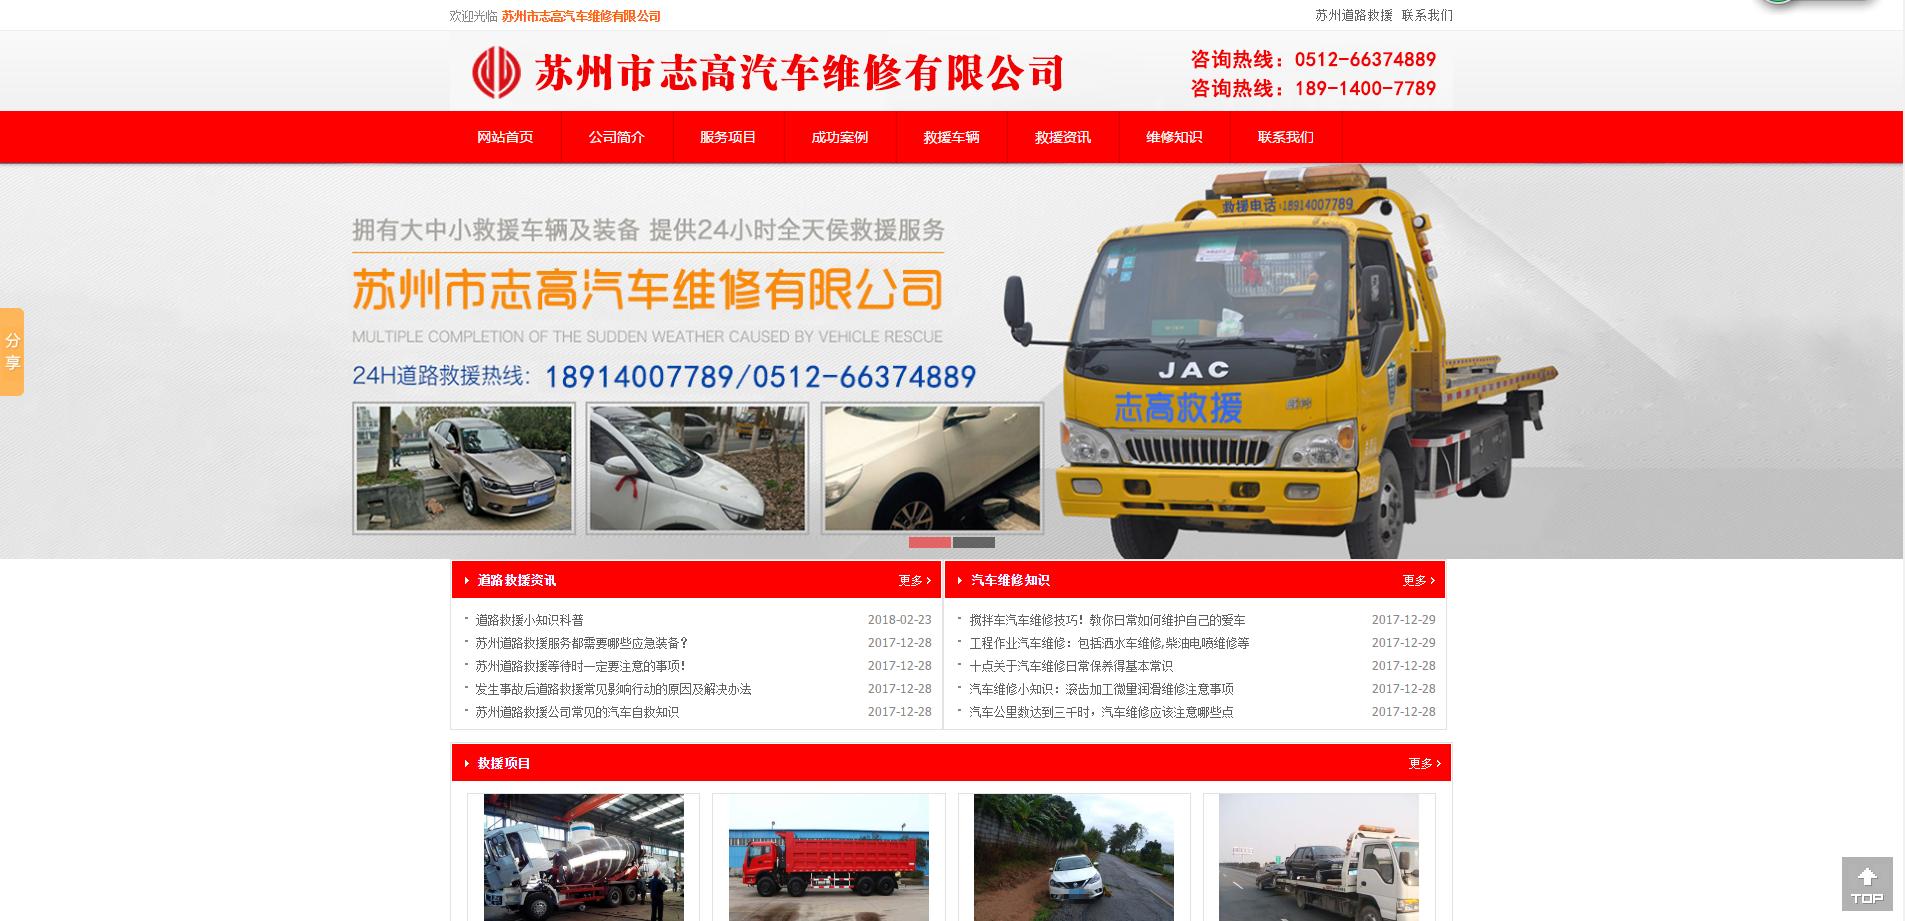 蘇州市志高汽車維修有限公司網站建設成功案例